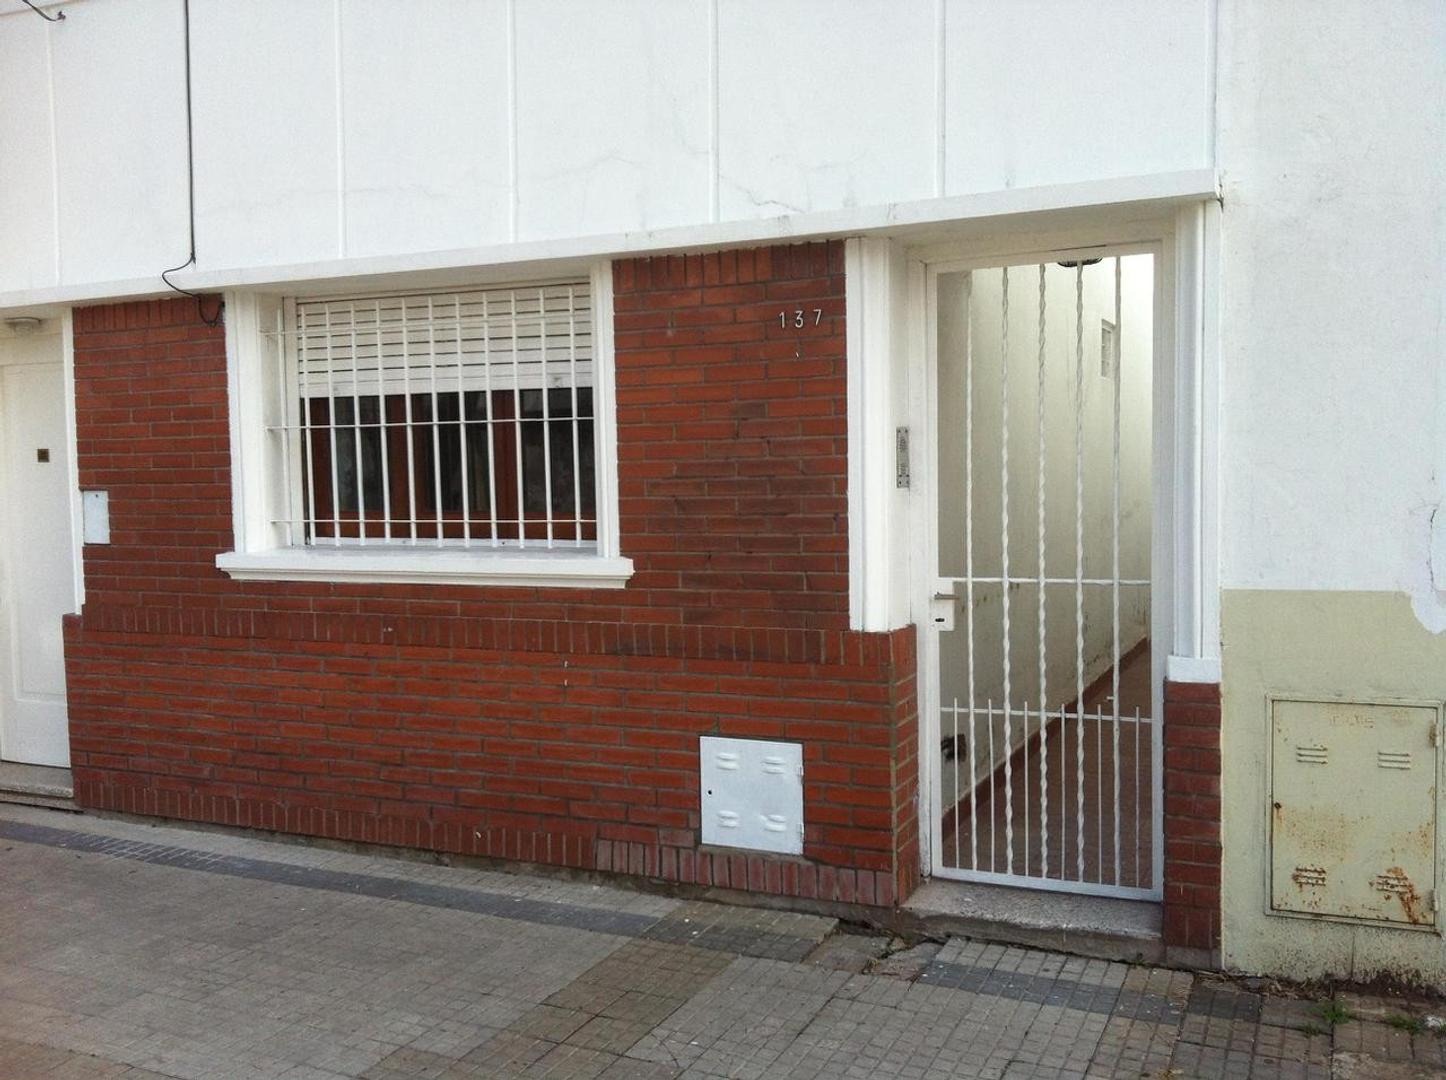 Departamento PB en Alquiler La Plata calle 37 e/ 117 y 118  Dacal Bienes Raices